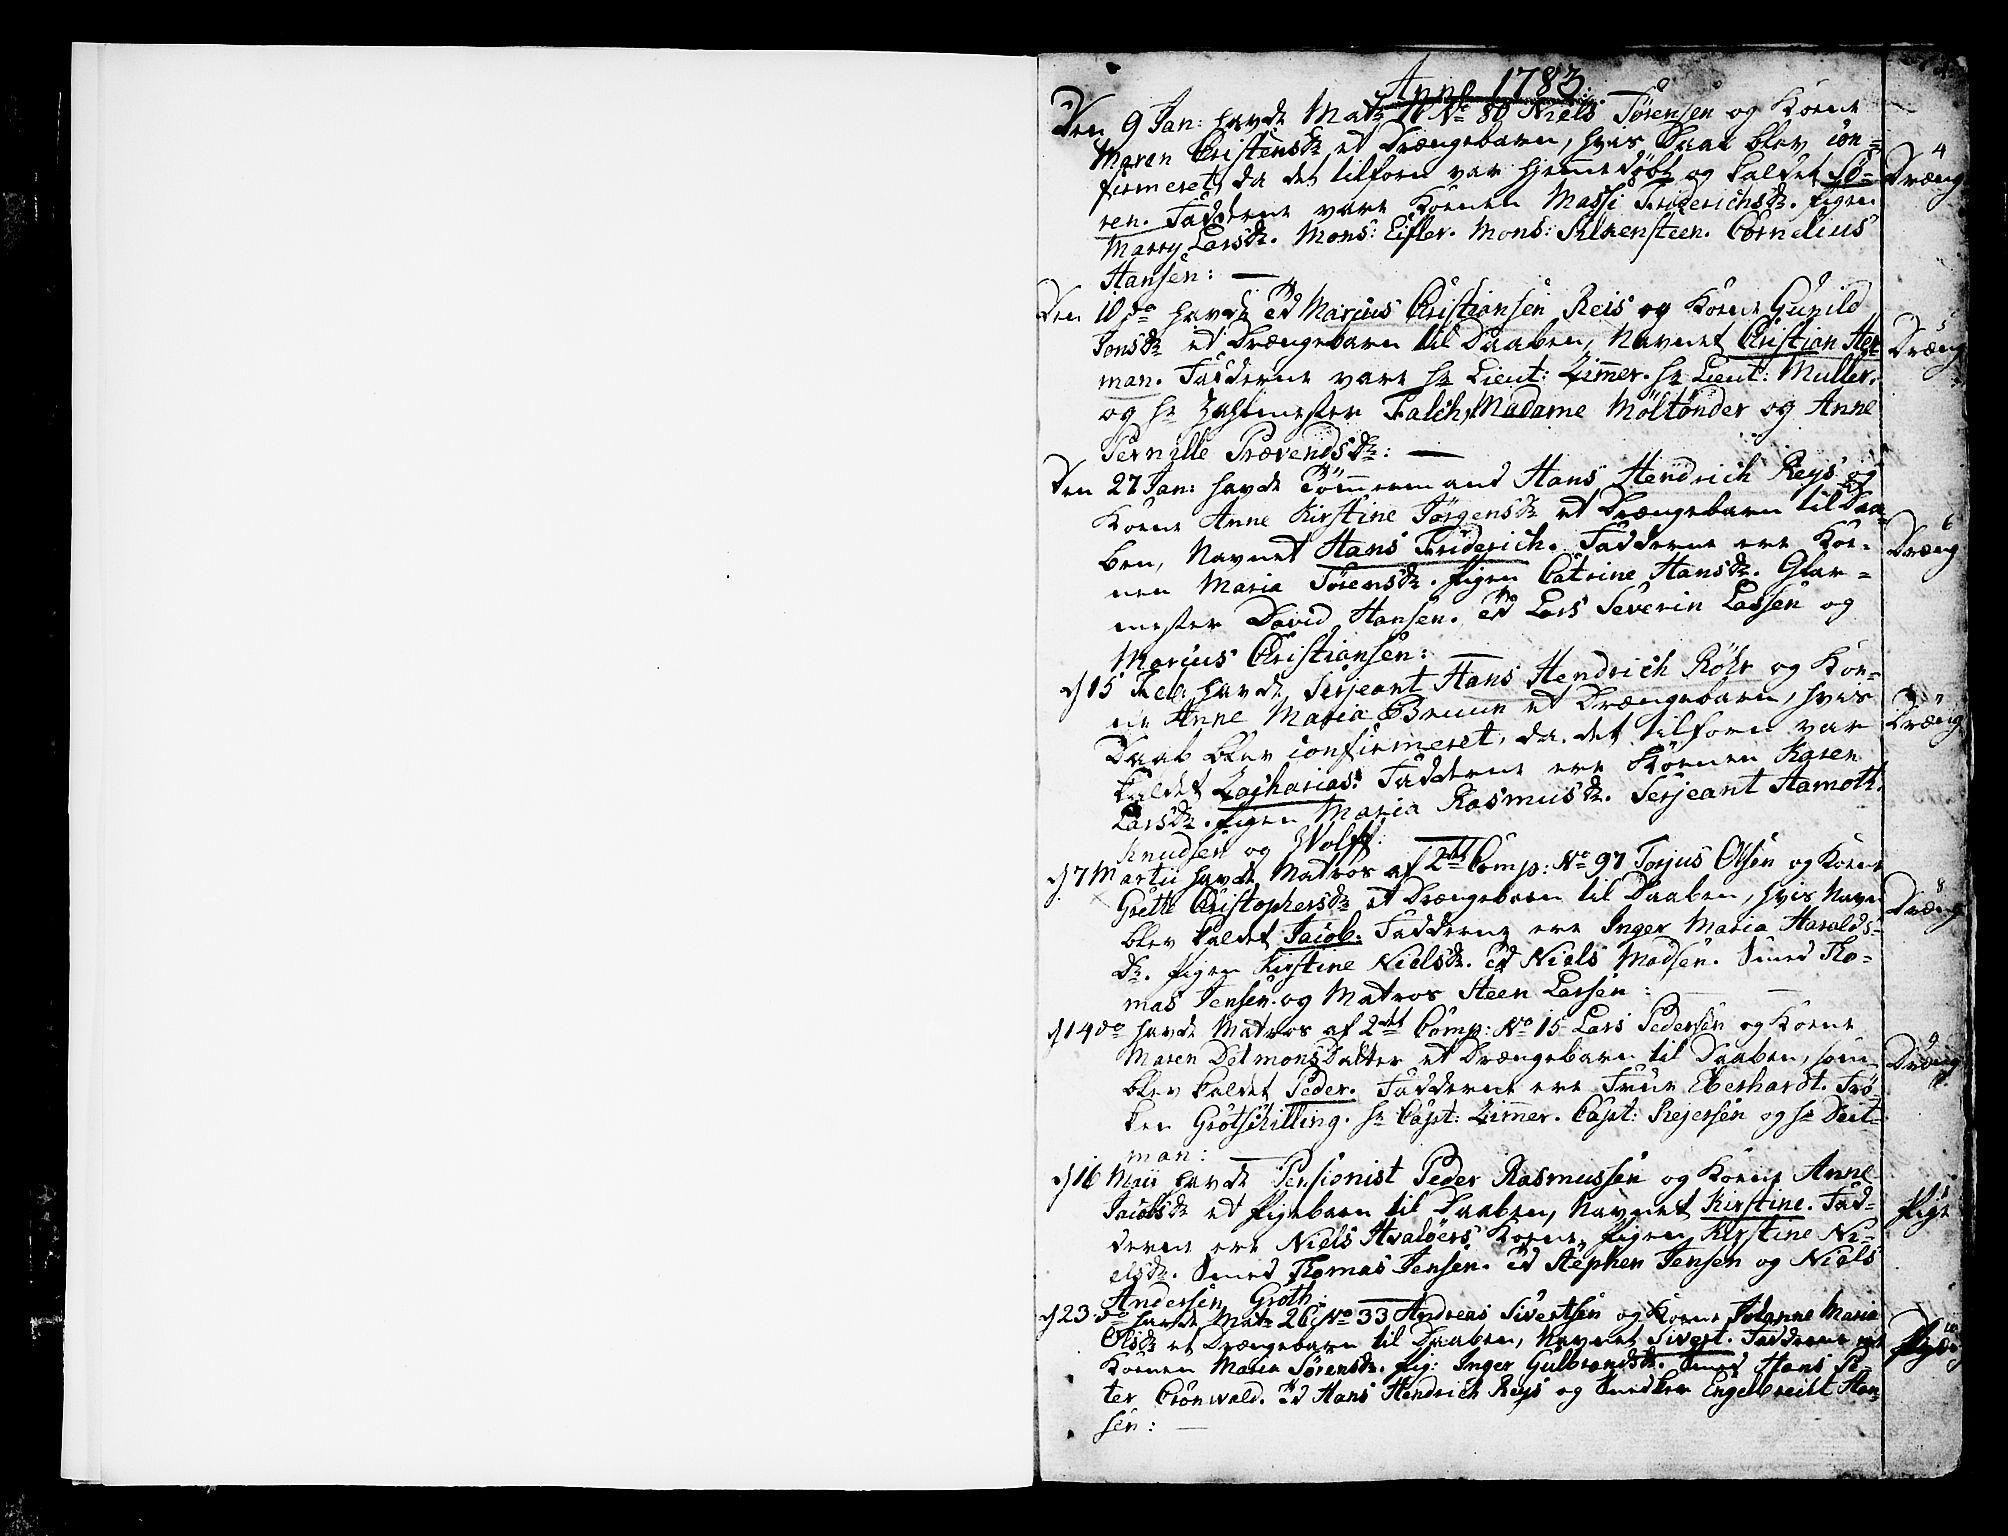 SAKO, Stavern kirkebøker, F/Fa/L0002: Ministerialbok nr. 2, 1783-1809, s. 1